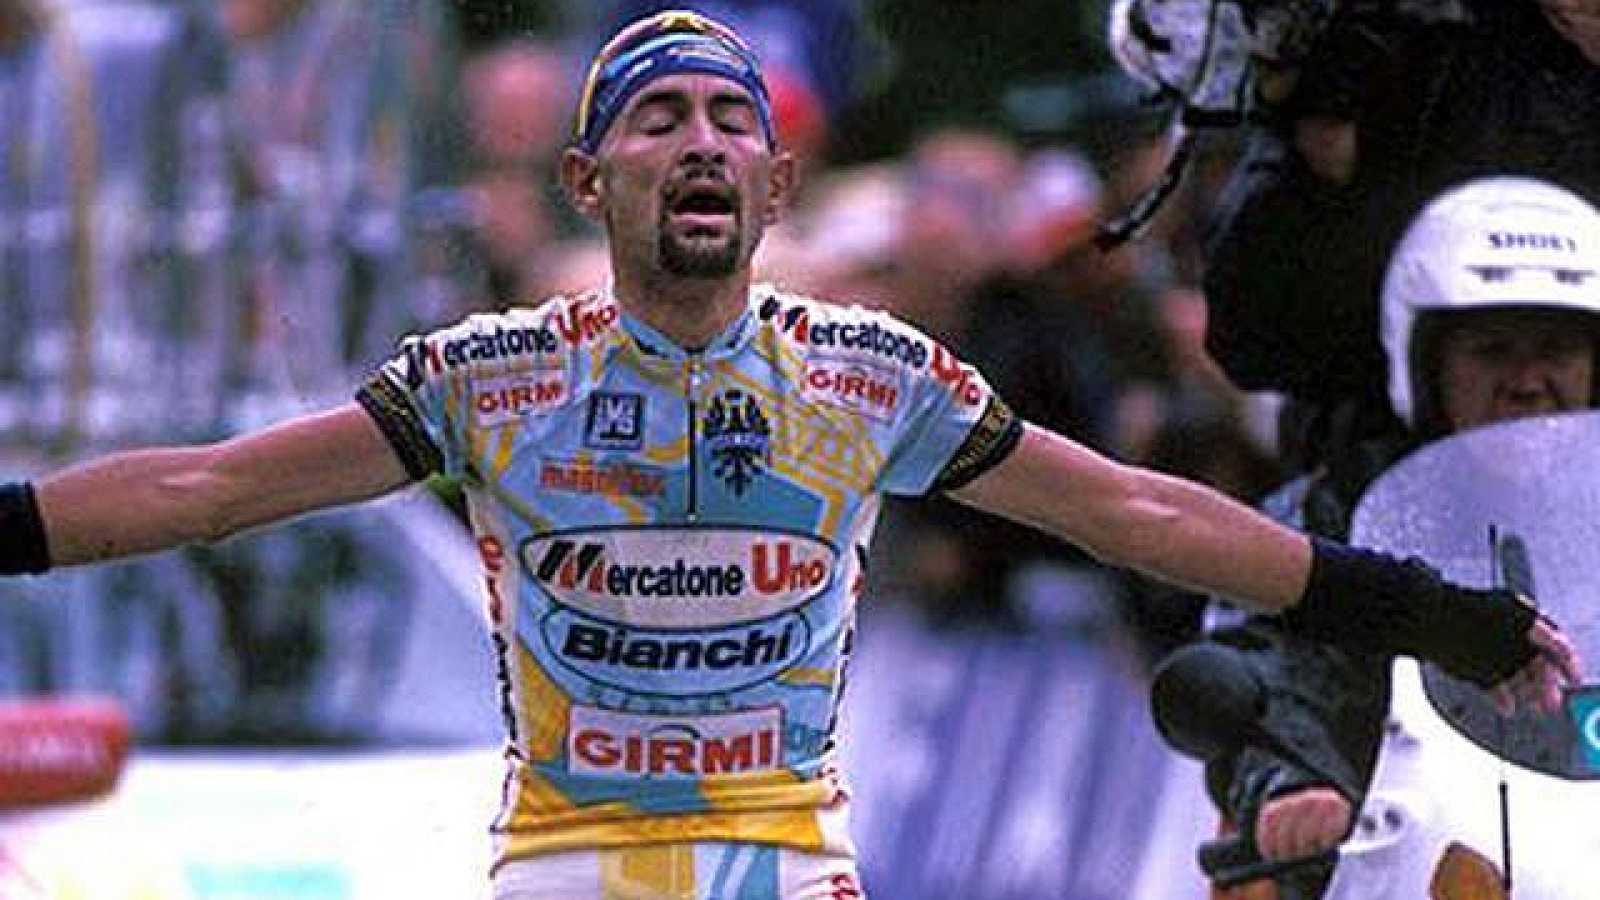 El Tour de Francia en 1998 se decantó a favor de Marco Pantani y en detrimento de Jan Ullrich en una etapa, la mítica etapa con final en Les Deux Alps en la que el corredor italiano ataco en una de las primeras ascensiones del día, la del temible Gal